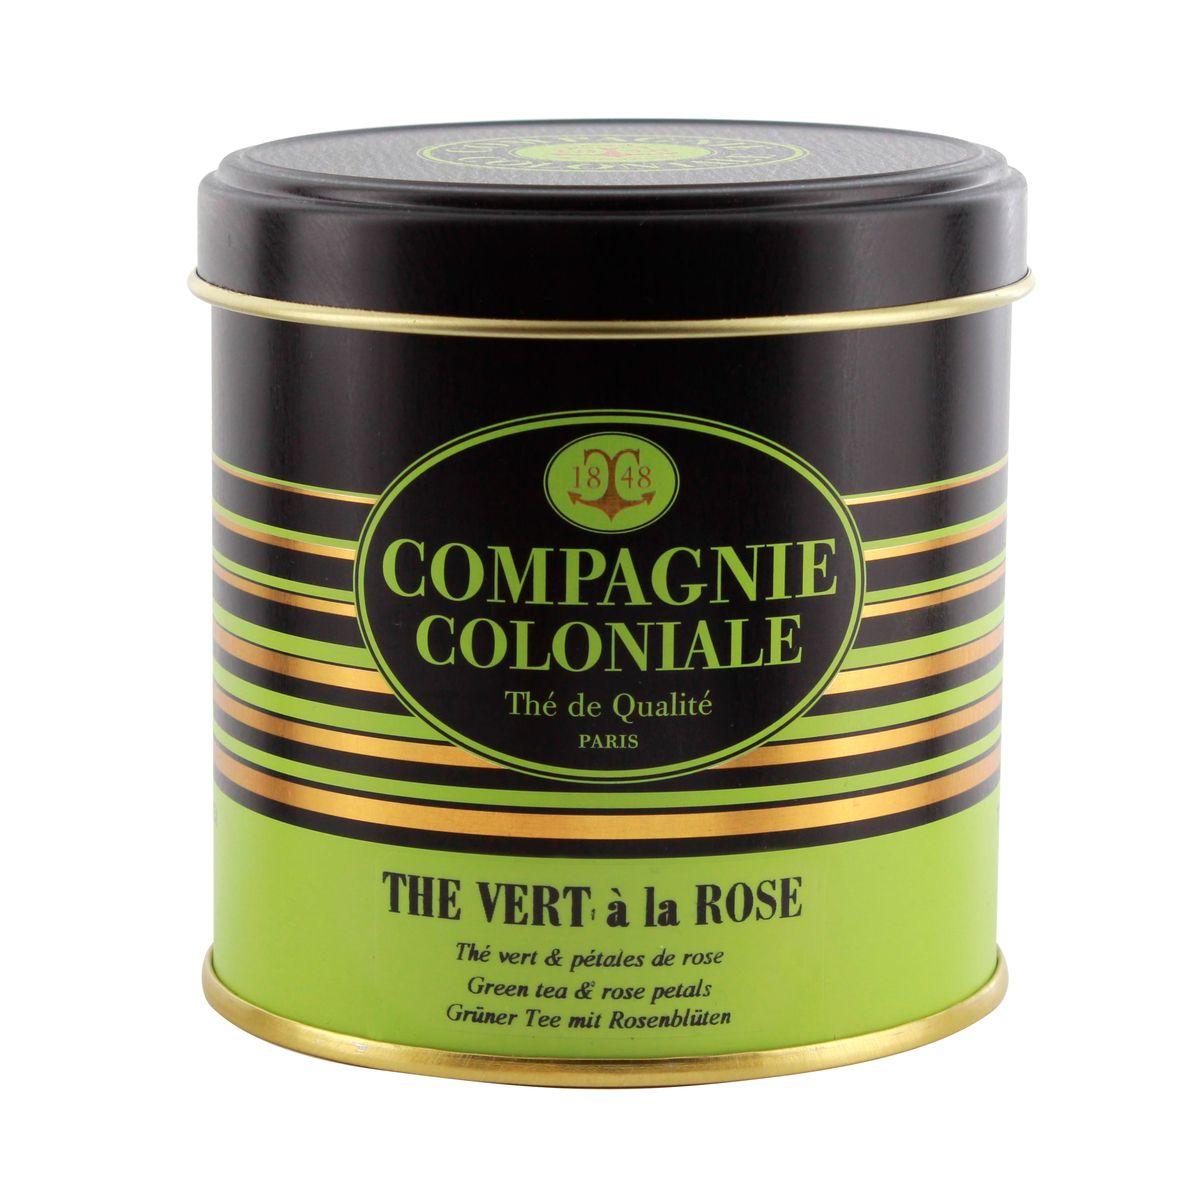 Thé vert nature et aromatisé boîte métal thé vert a la rose - Compagnie Coloniale